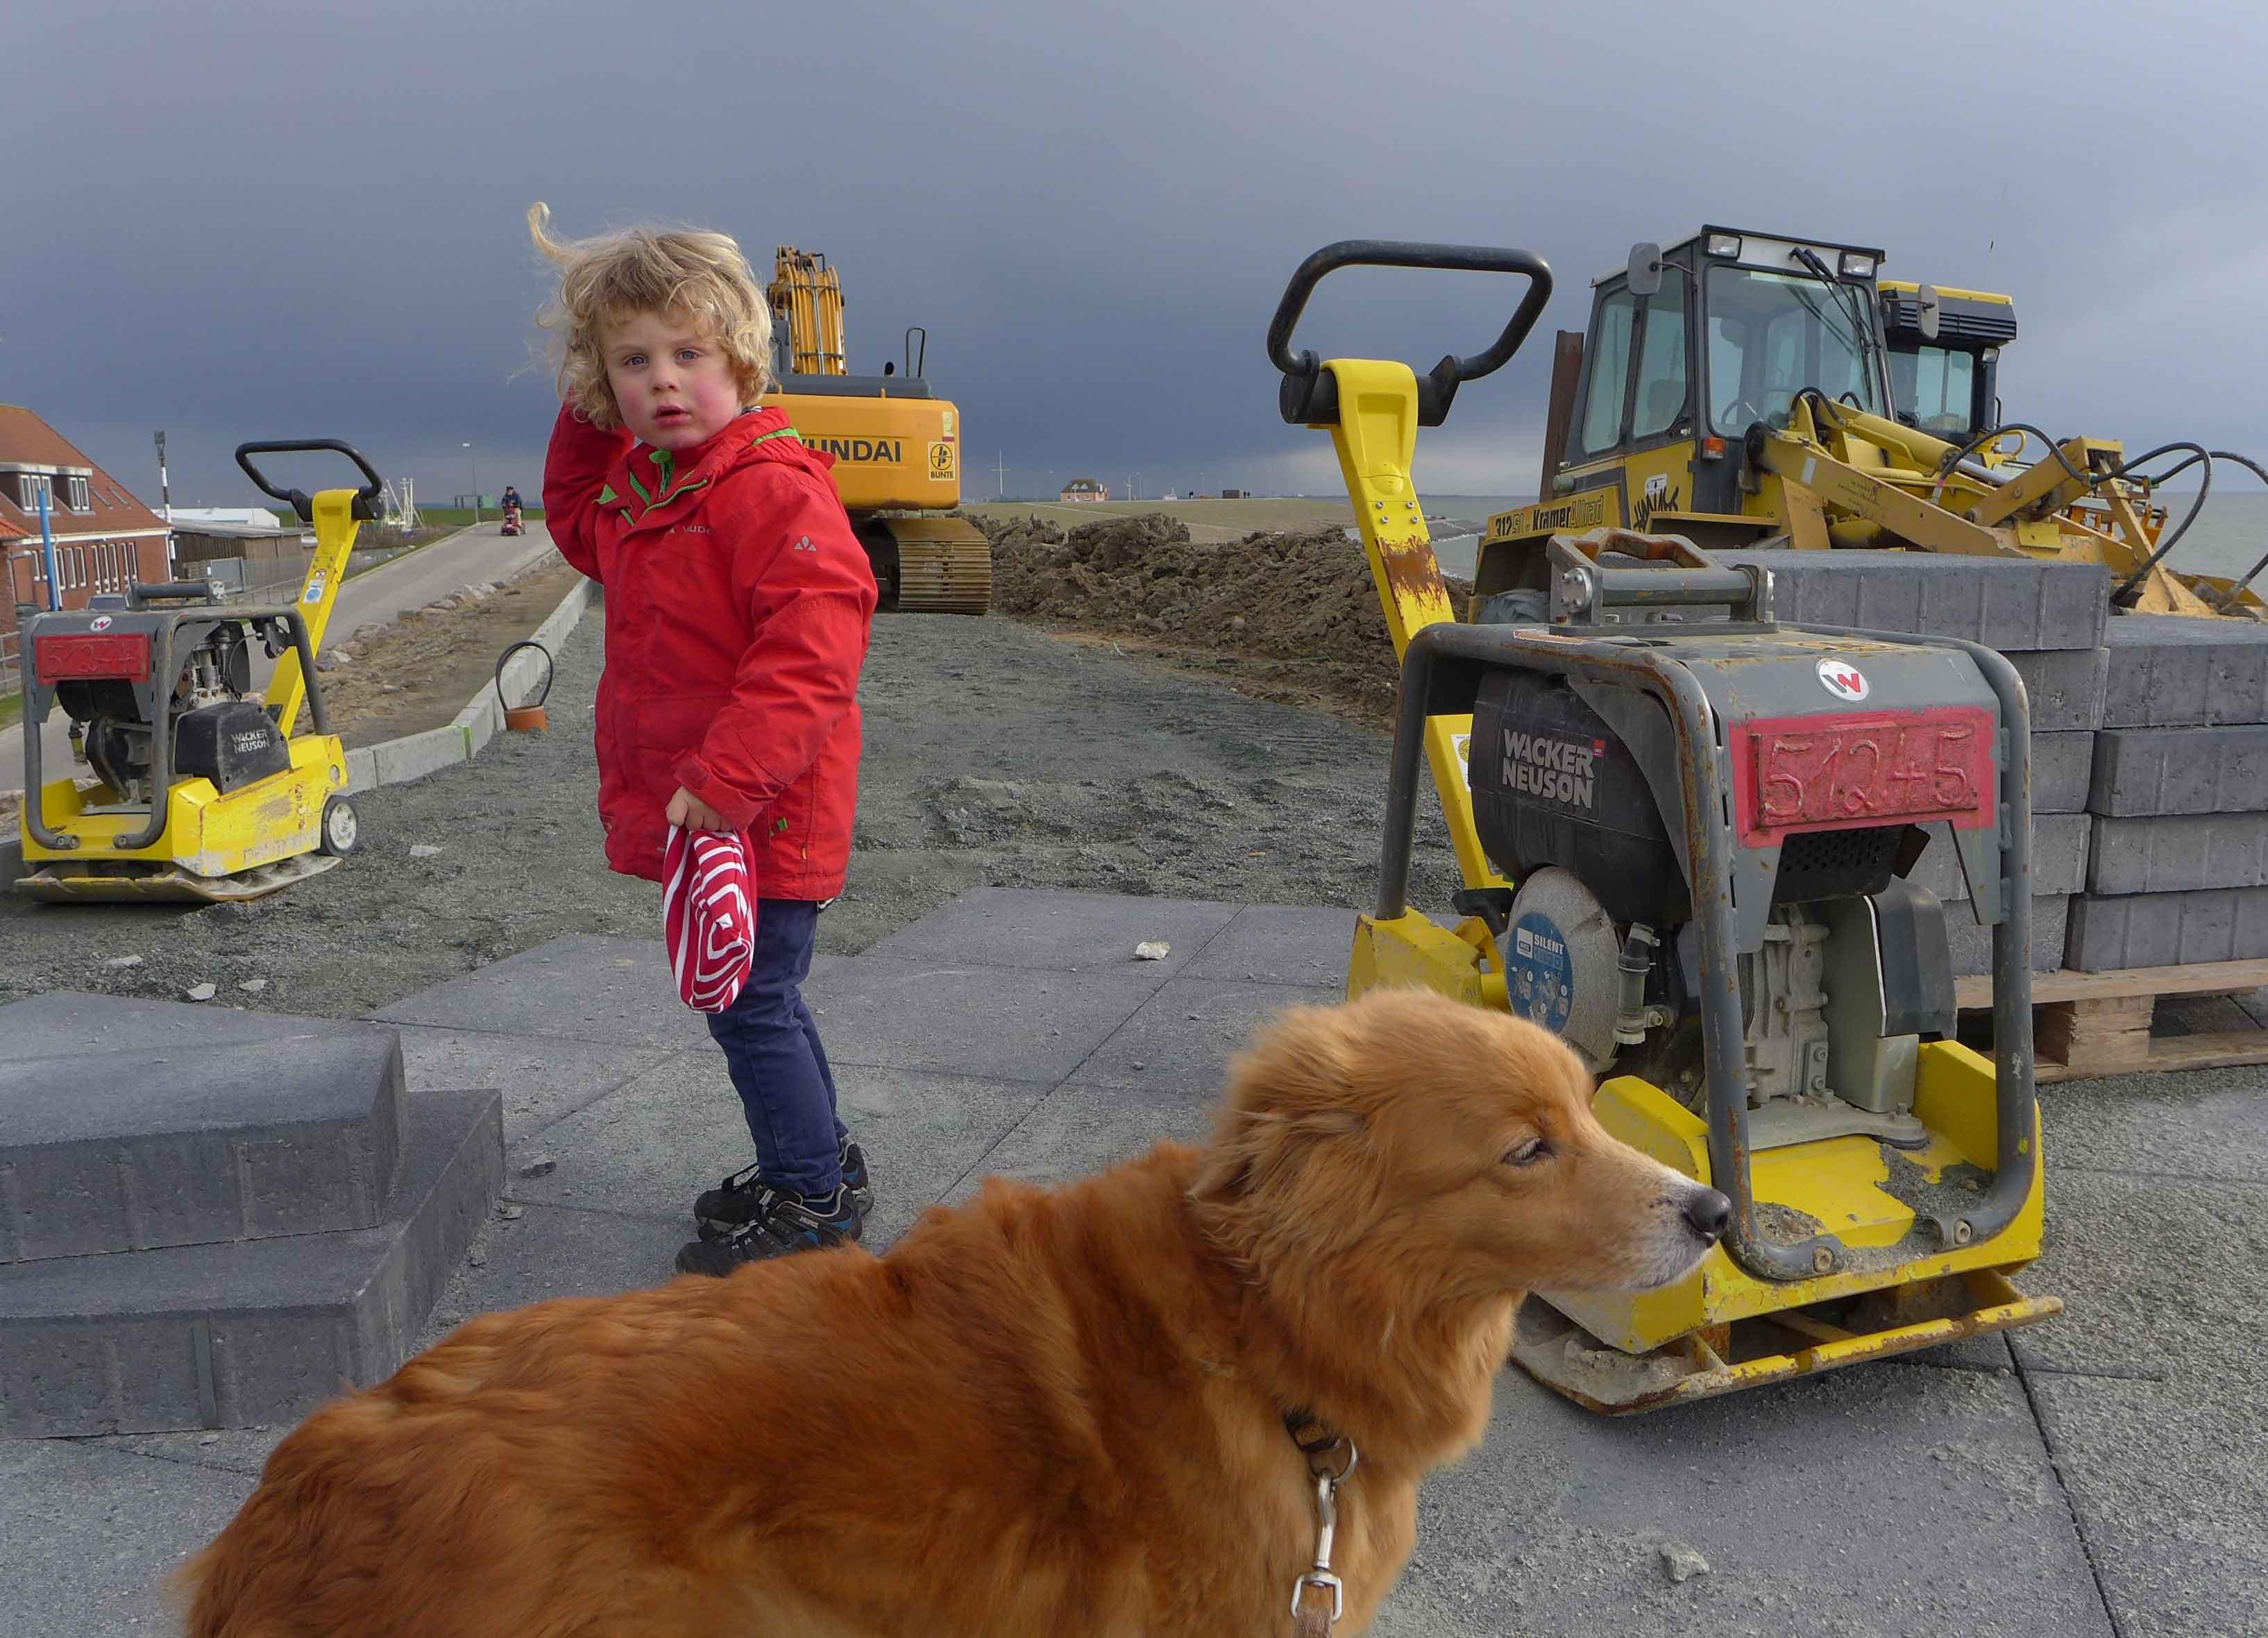 Kind und Hund vor Baumaschinen